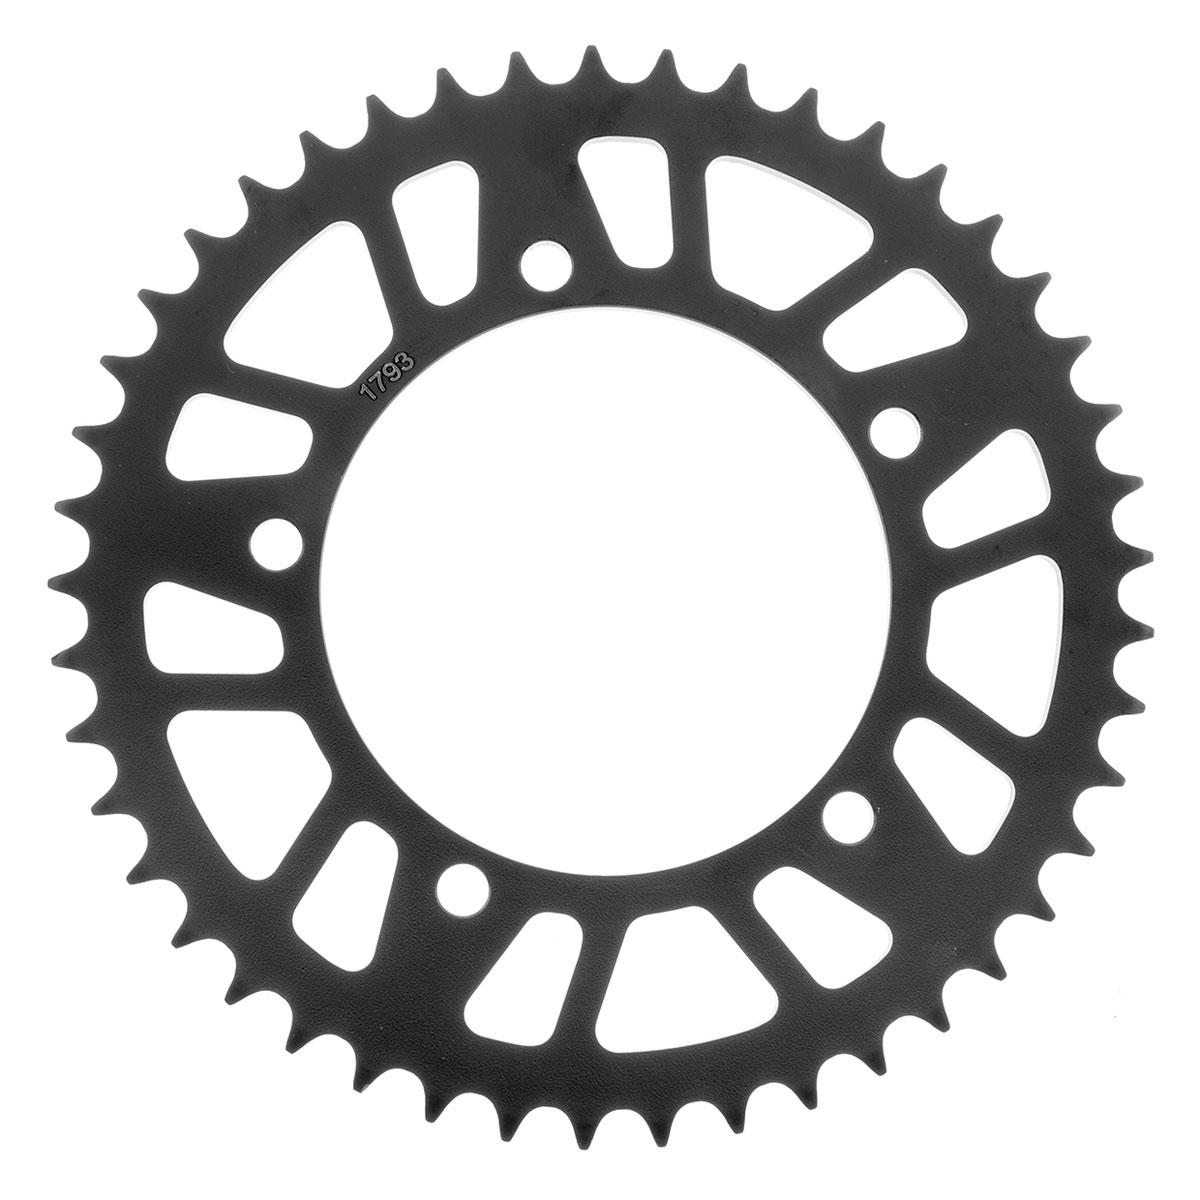 BikeMaster Black 520 Rear Sprocket 45 Tooth